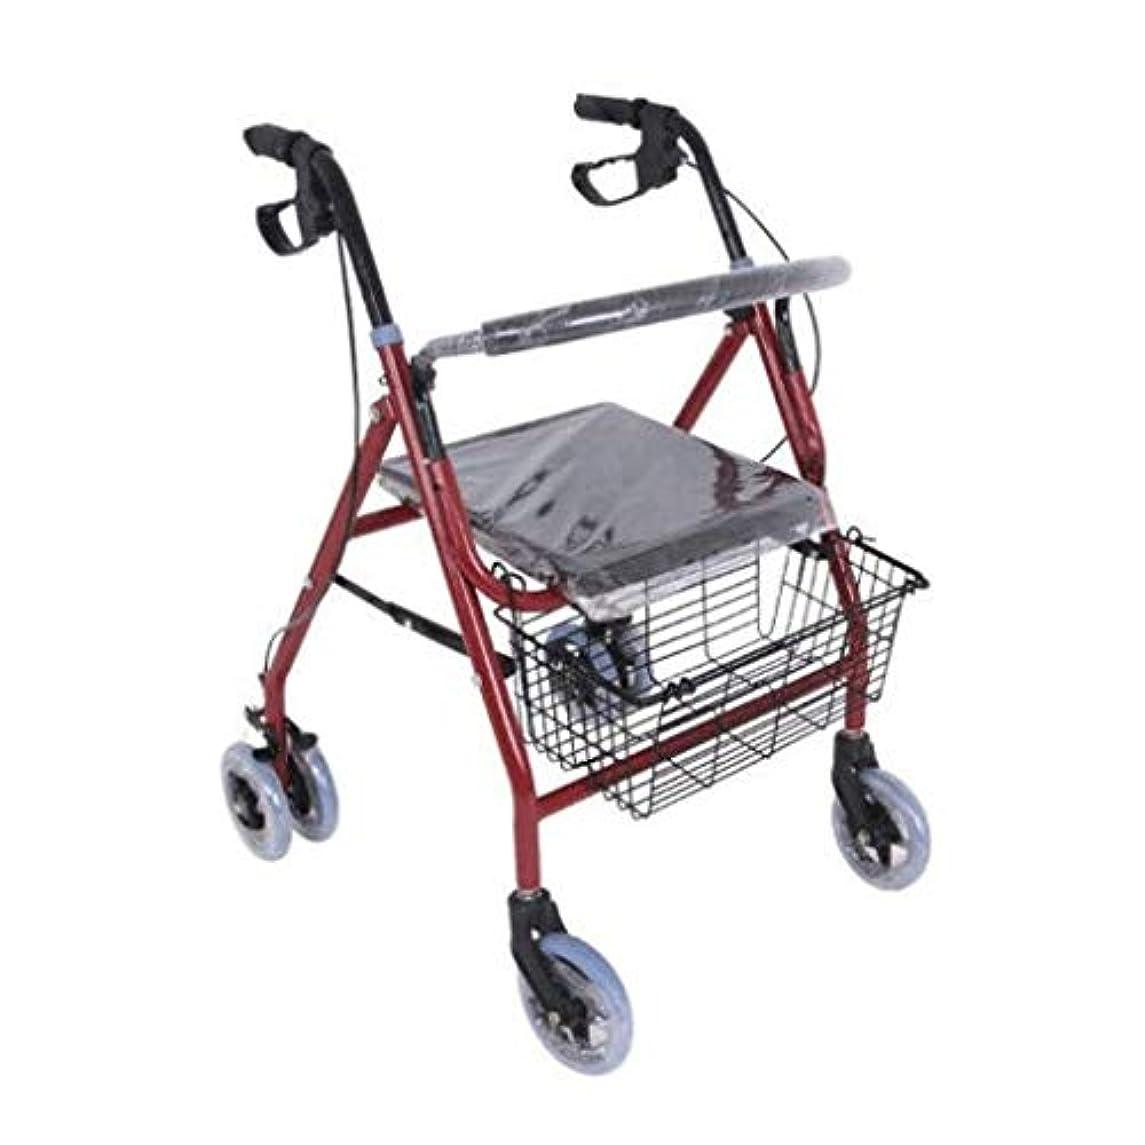 ご飯オーチャード医学高齢者手押しショッピングカート、アルミウォーカー、滑り止めウォーカー4本足杖屋外バスルーム使用不可